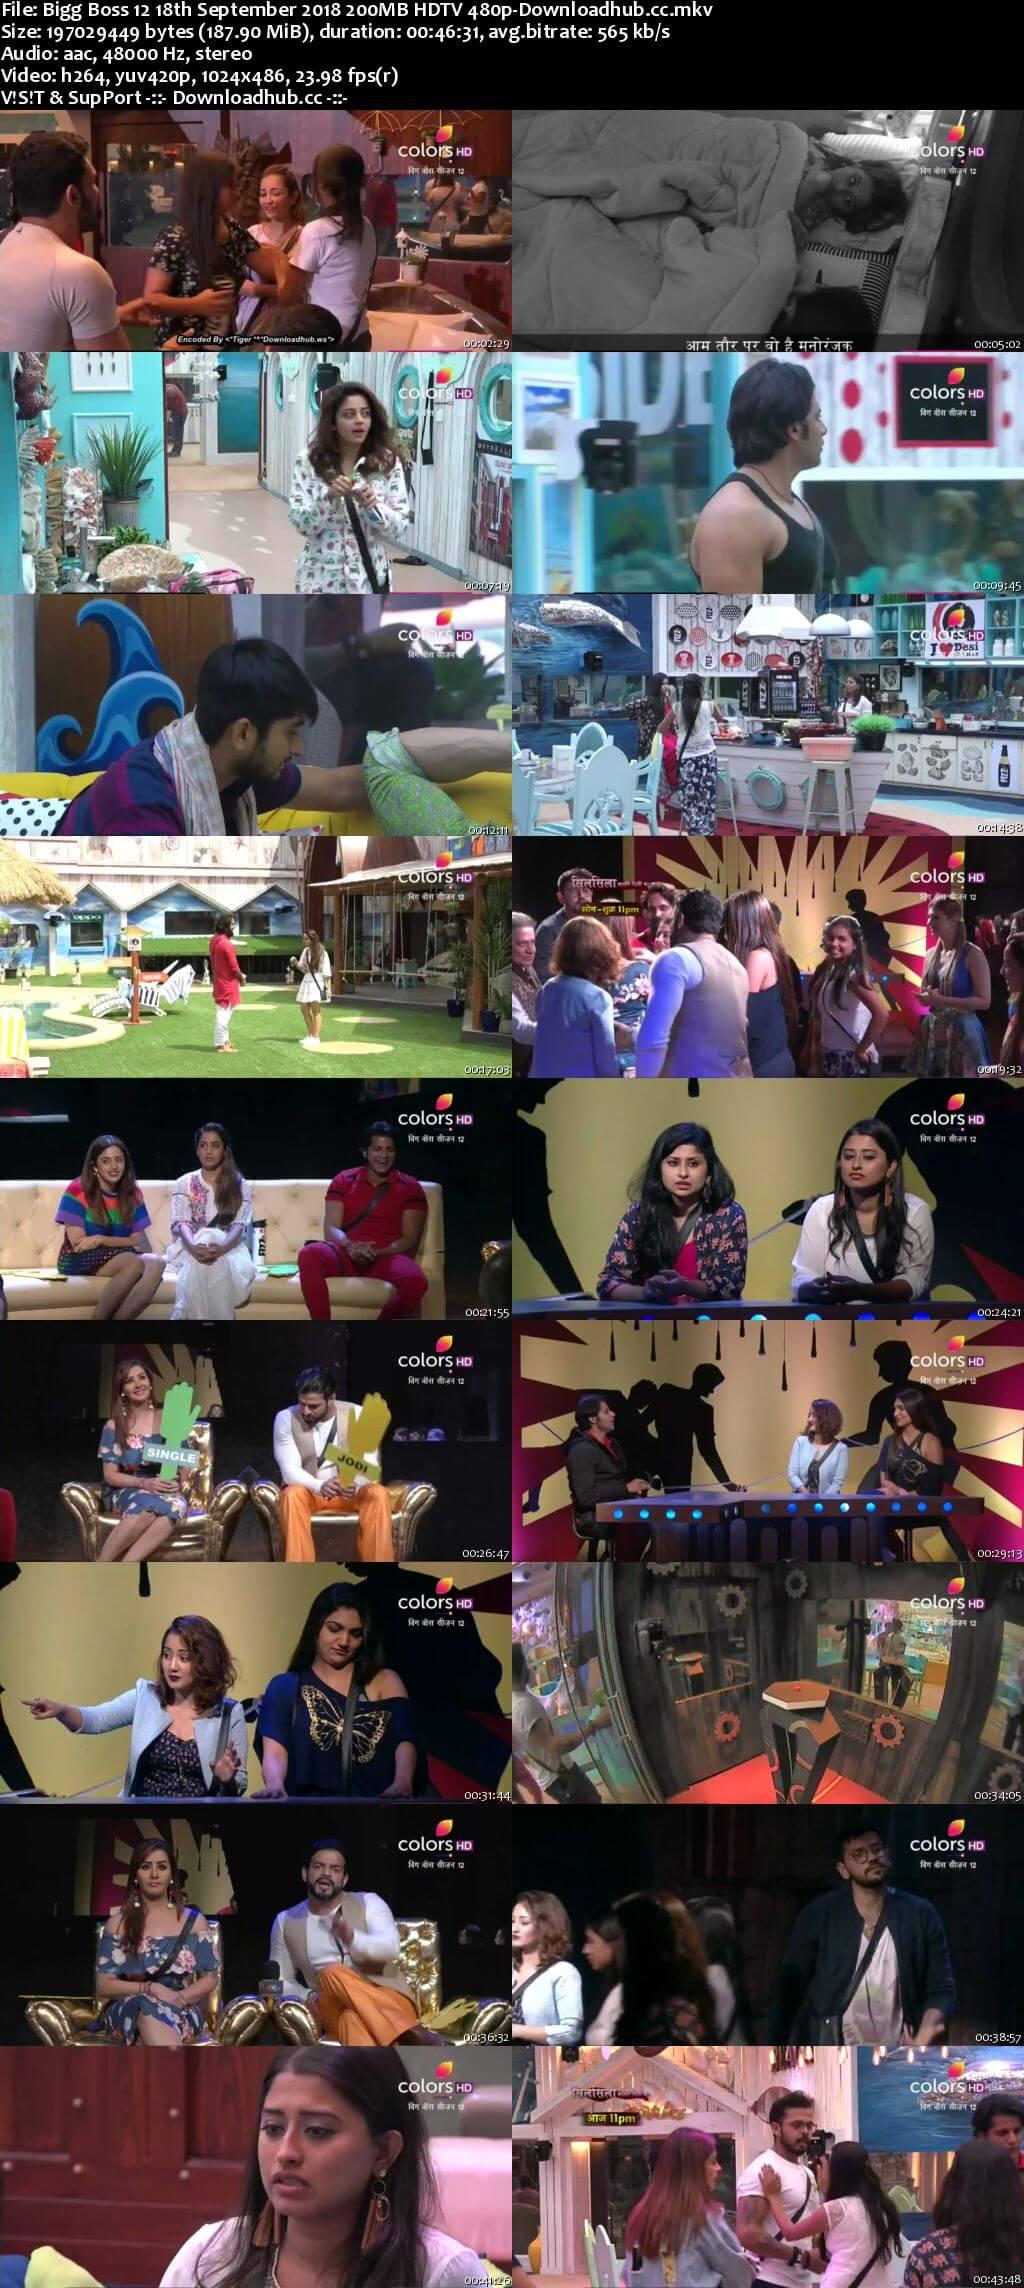 Bigg Boss 12 18 September 2018 Episode 02 HDTV 480p